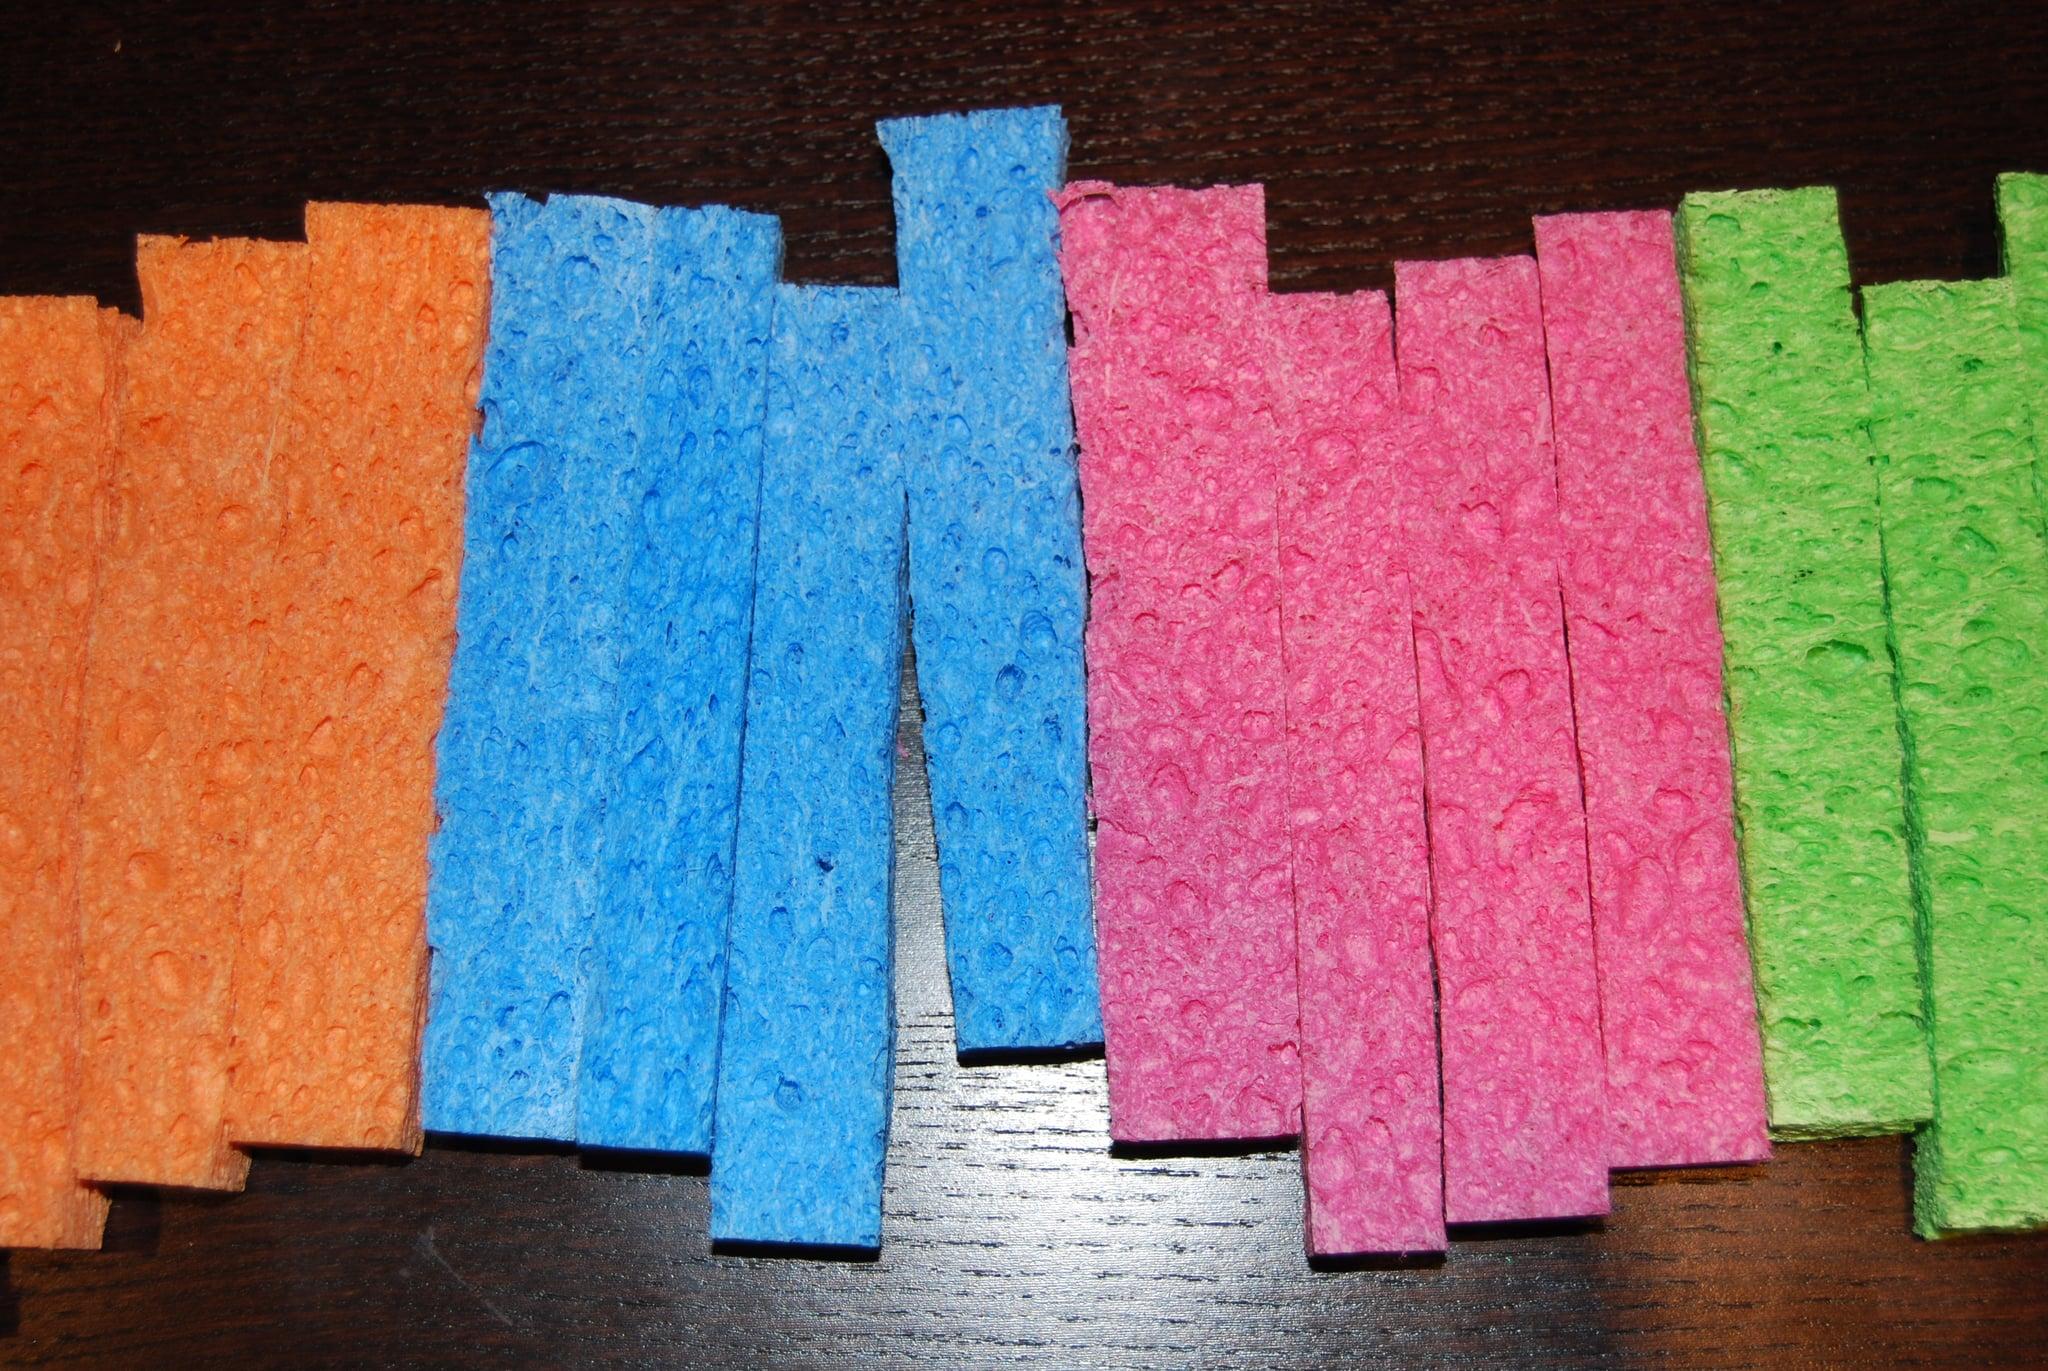 Cut up sponges